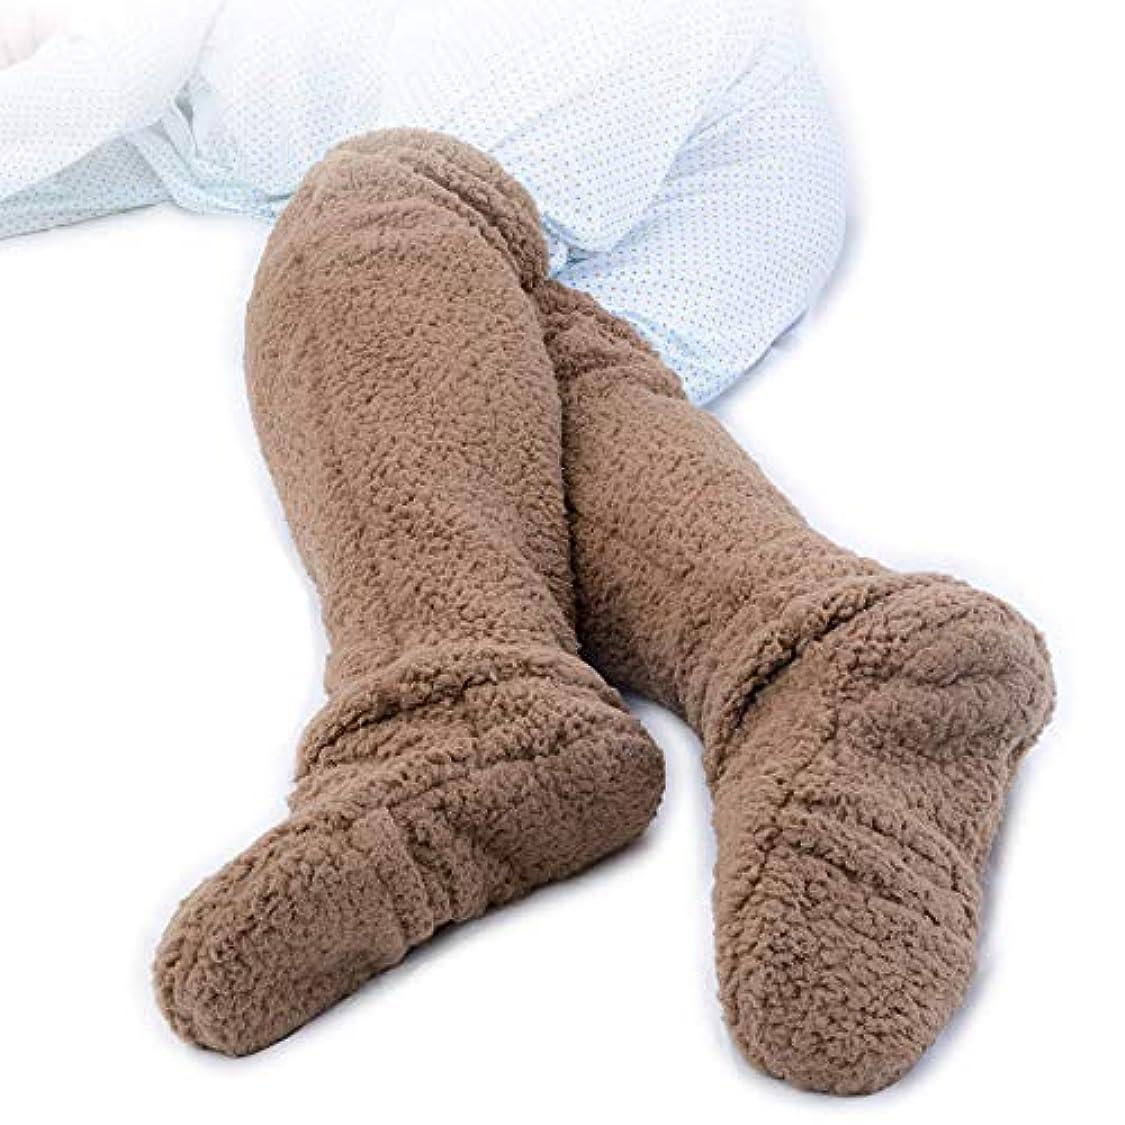 の配列肝ループヒートソックス,Enteriza 極暖 防寒 足が出せるロングカバー あったかグッズ ルームシューズ 男女兼用 2重フリース生地 室内履き 軽量 洗える